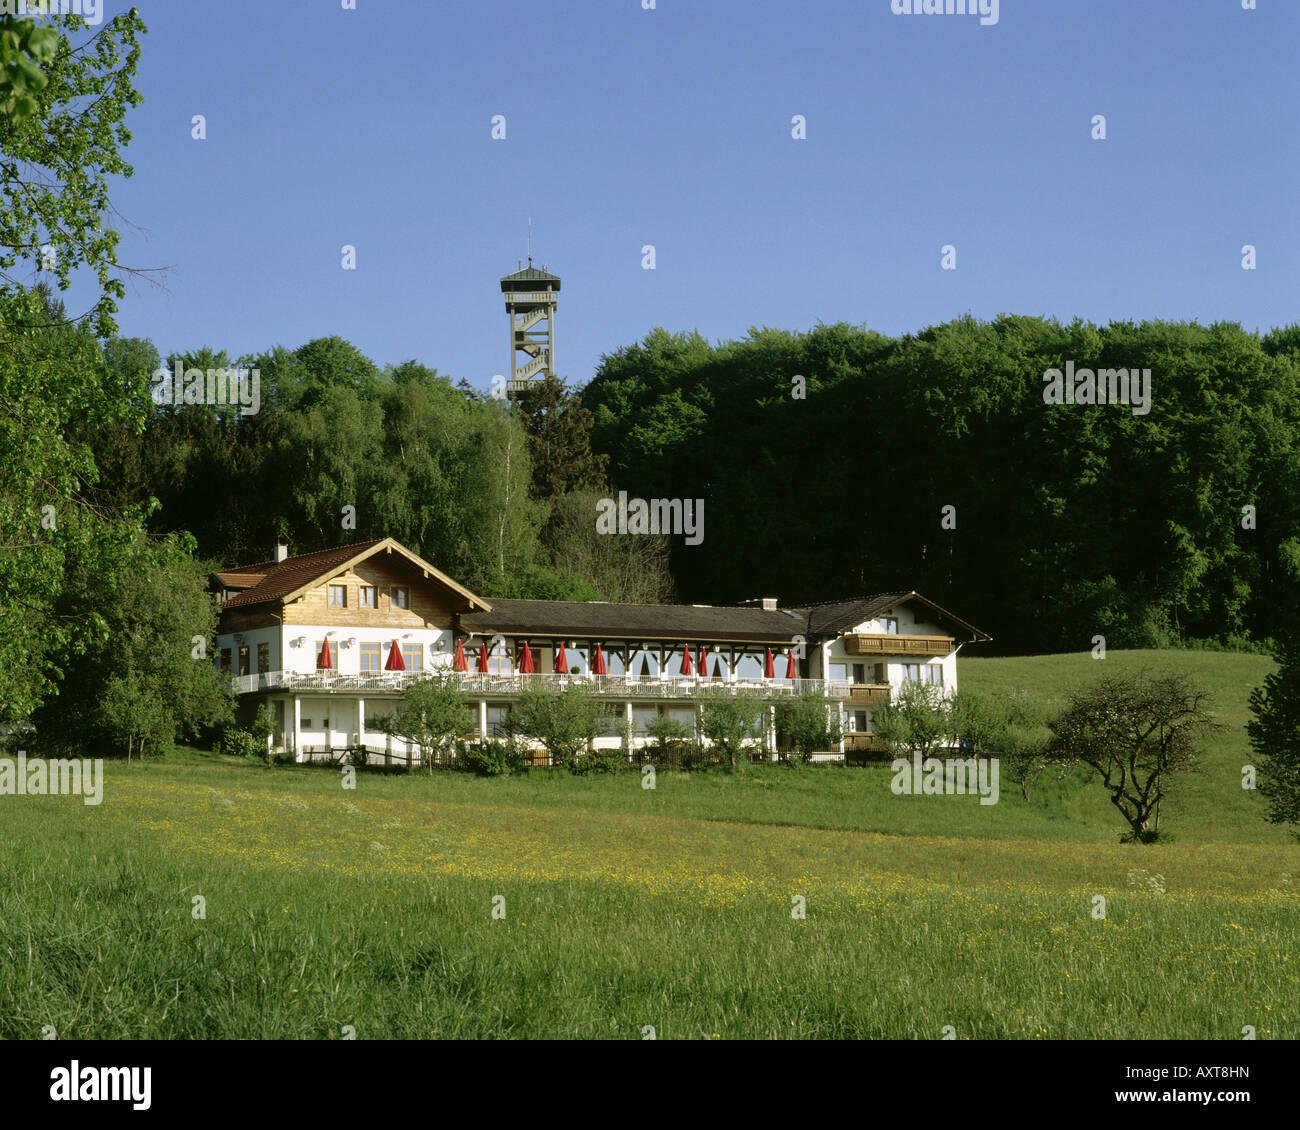 Géographie / voyage, Allemagne, Bavière, Ebersberg, gastronomie, restaurant avec Ebersberger Ludwigshöhe Photo Stock